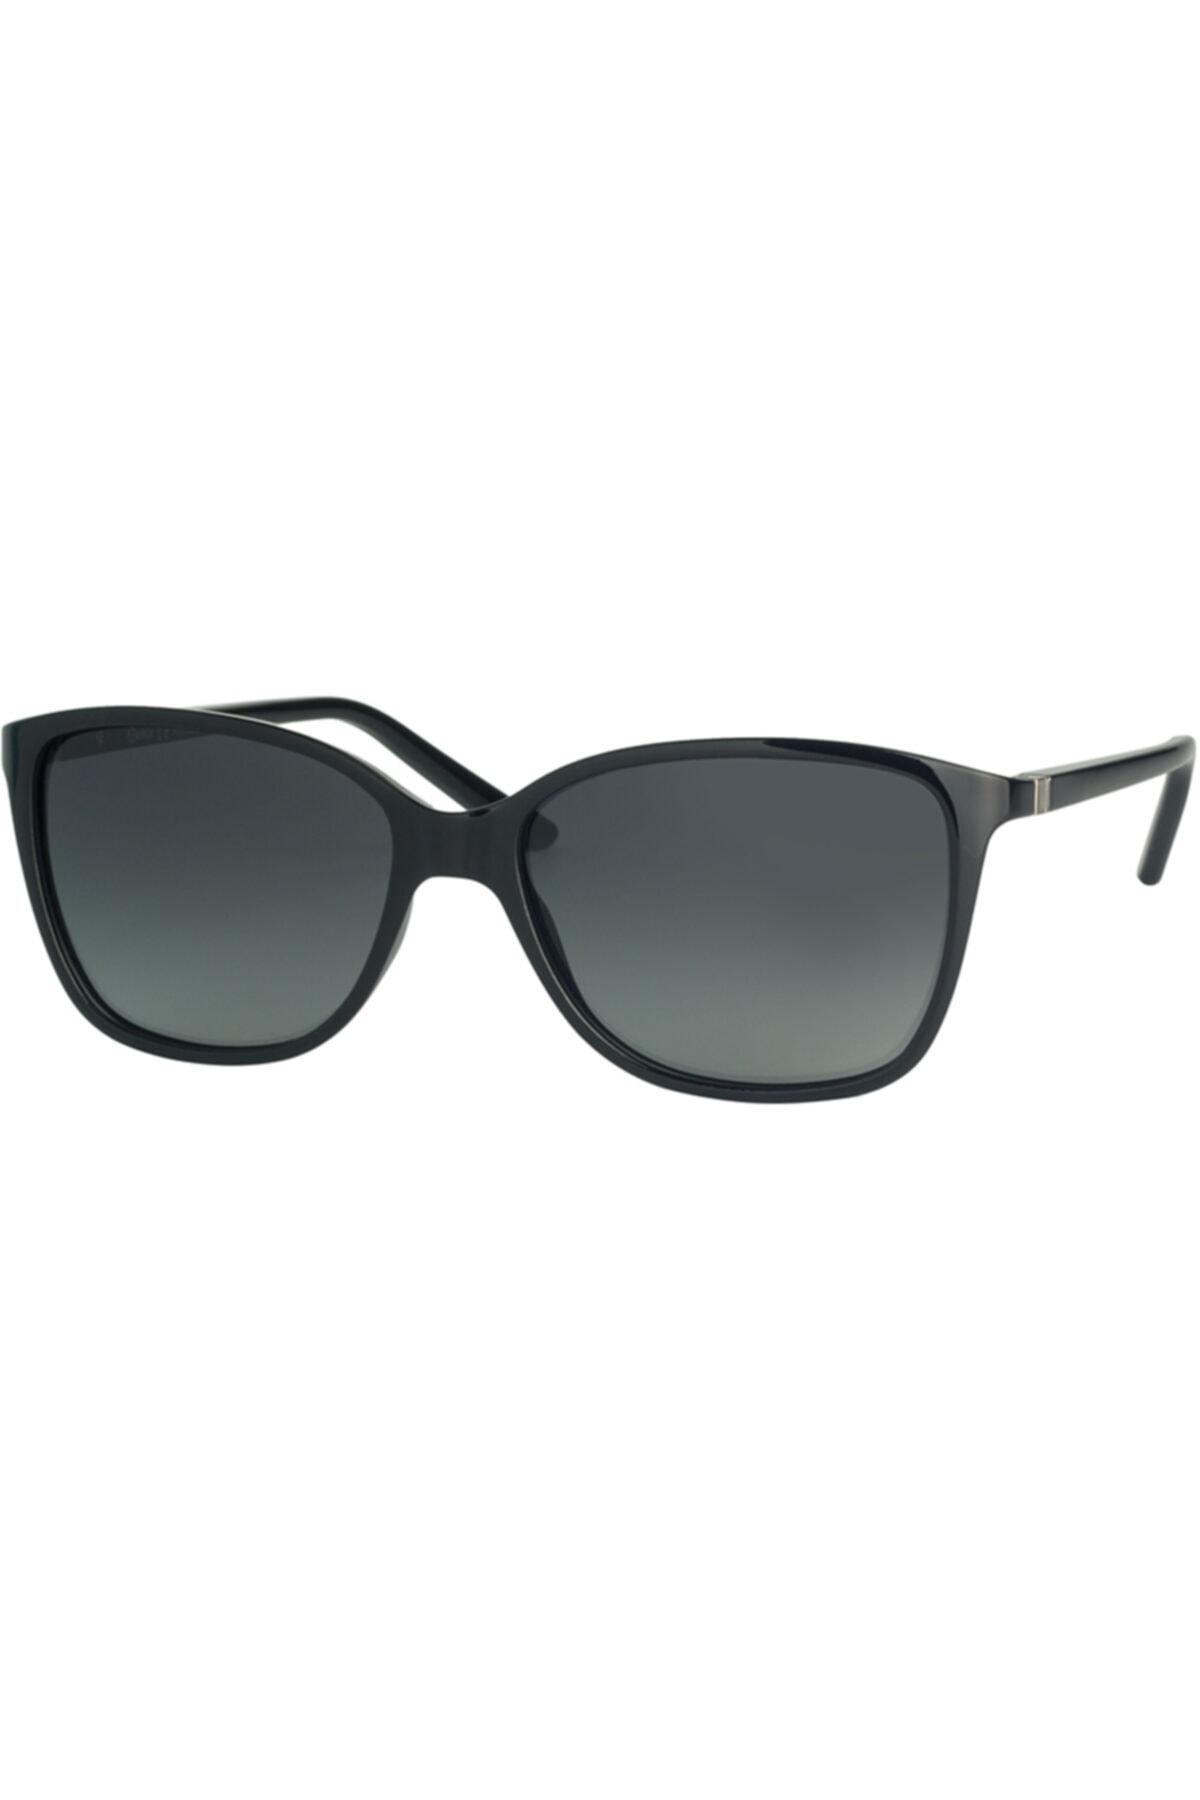 سفارش اینترنتی عینک آفتابی فانتزی برند BEN.X رنگ مشکی کد ty85928861